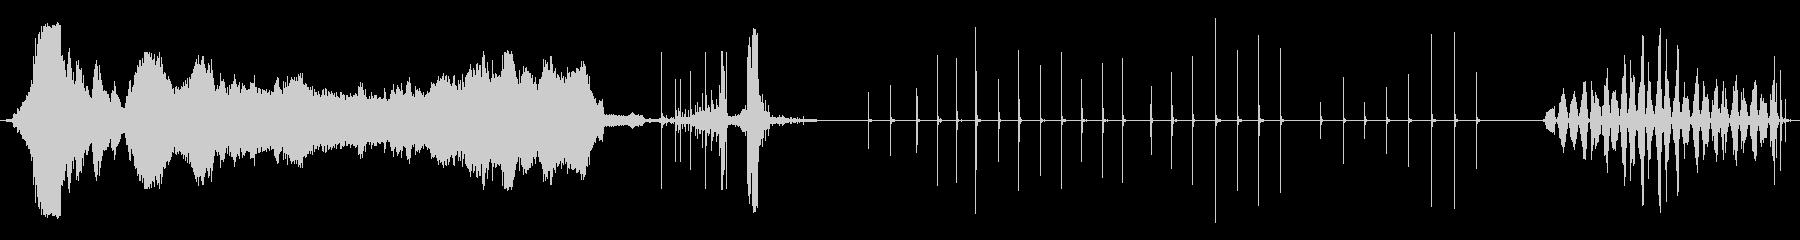 ツール、チェーンソー、軸、ロギング...の未再生の波形